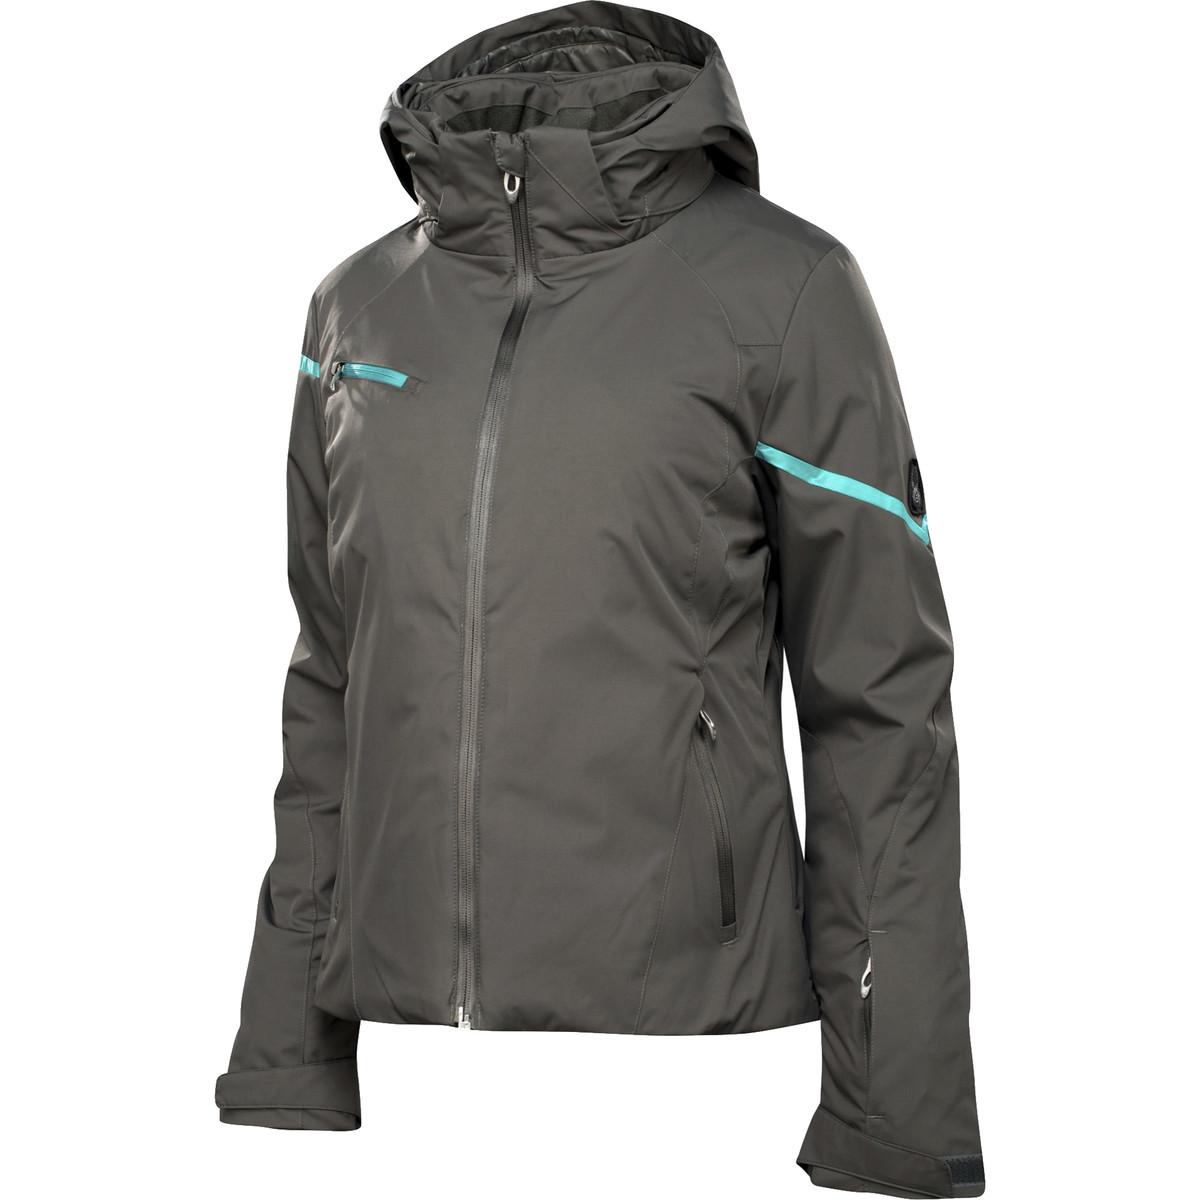 Spyder Looker Jacket